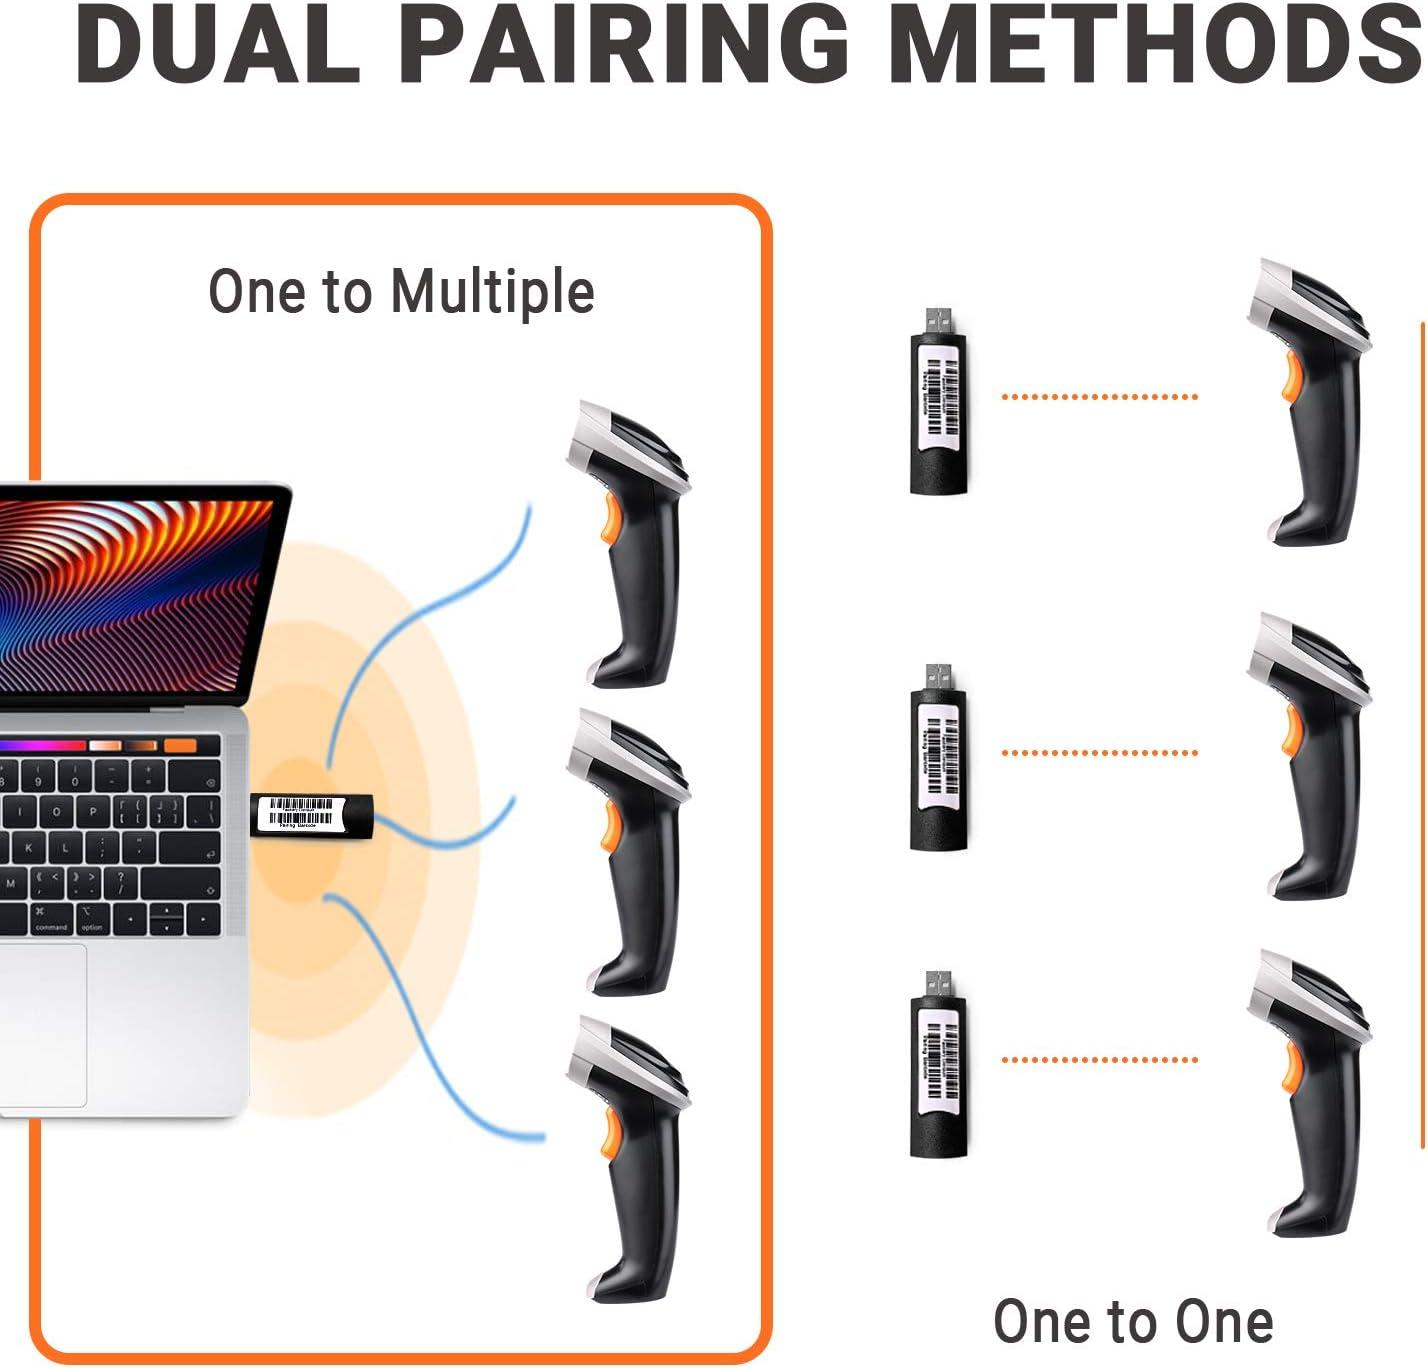 Trigger//Auto Continuous Scanning 1D-Barcodeleser mit 100m /Übertragungsentfernung kein Treiber f/ür PC//Laptop erforderlich 2.4G USB und Datenkabel MSC01 TACKLIFE Wireless Barcode Scanner